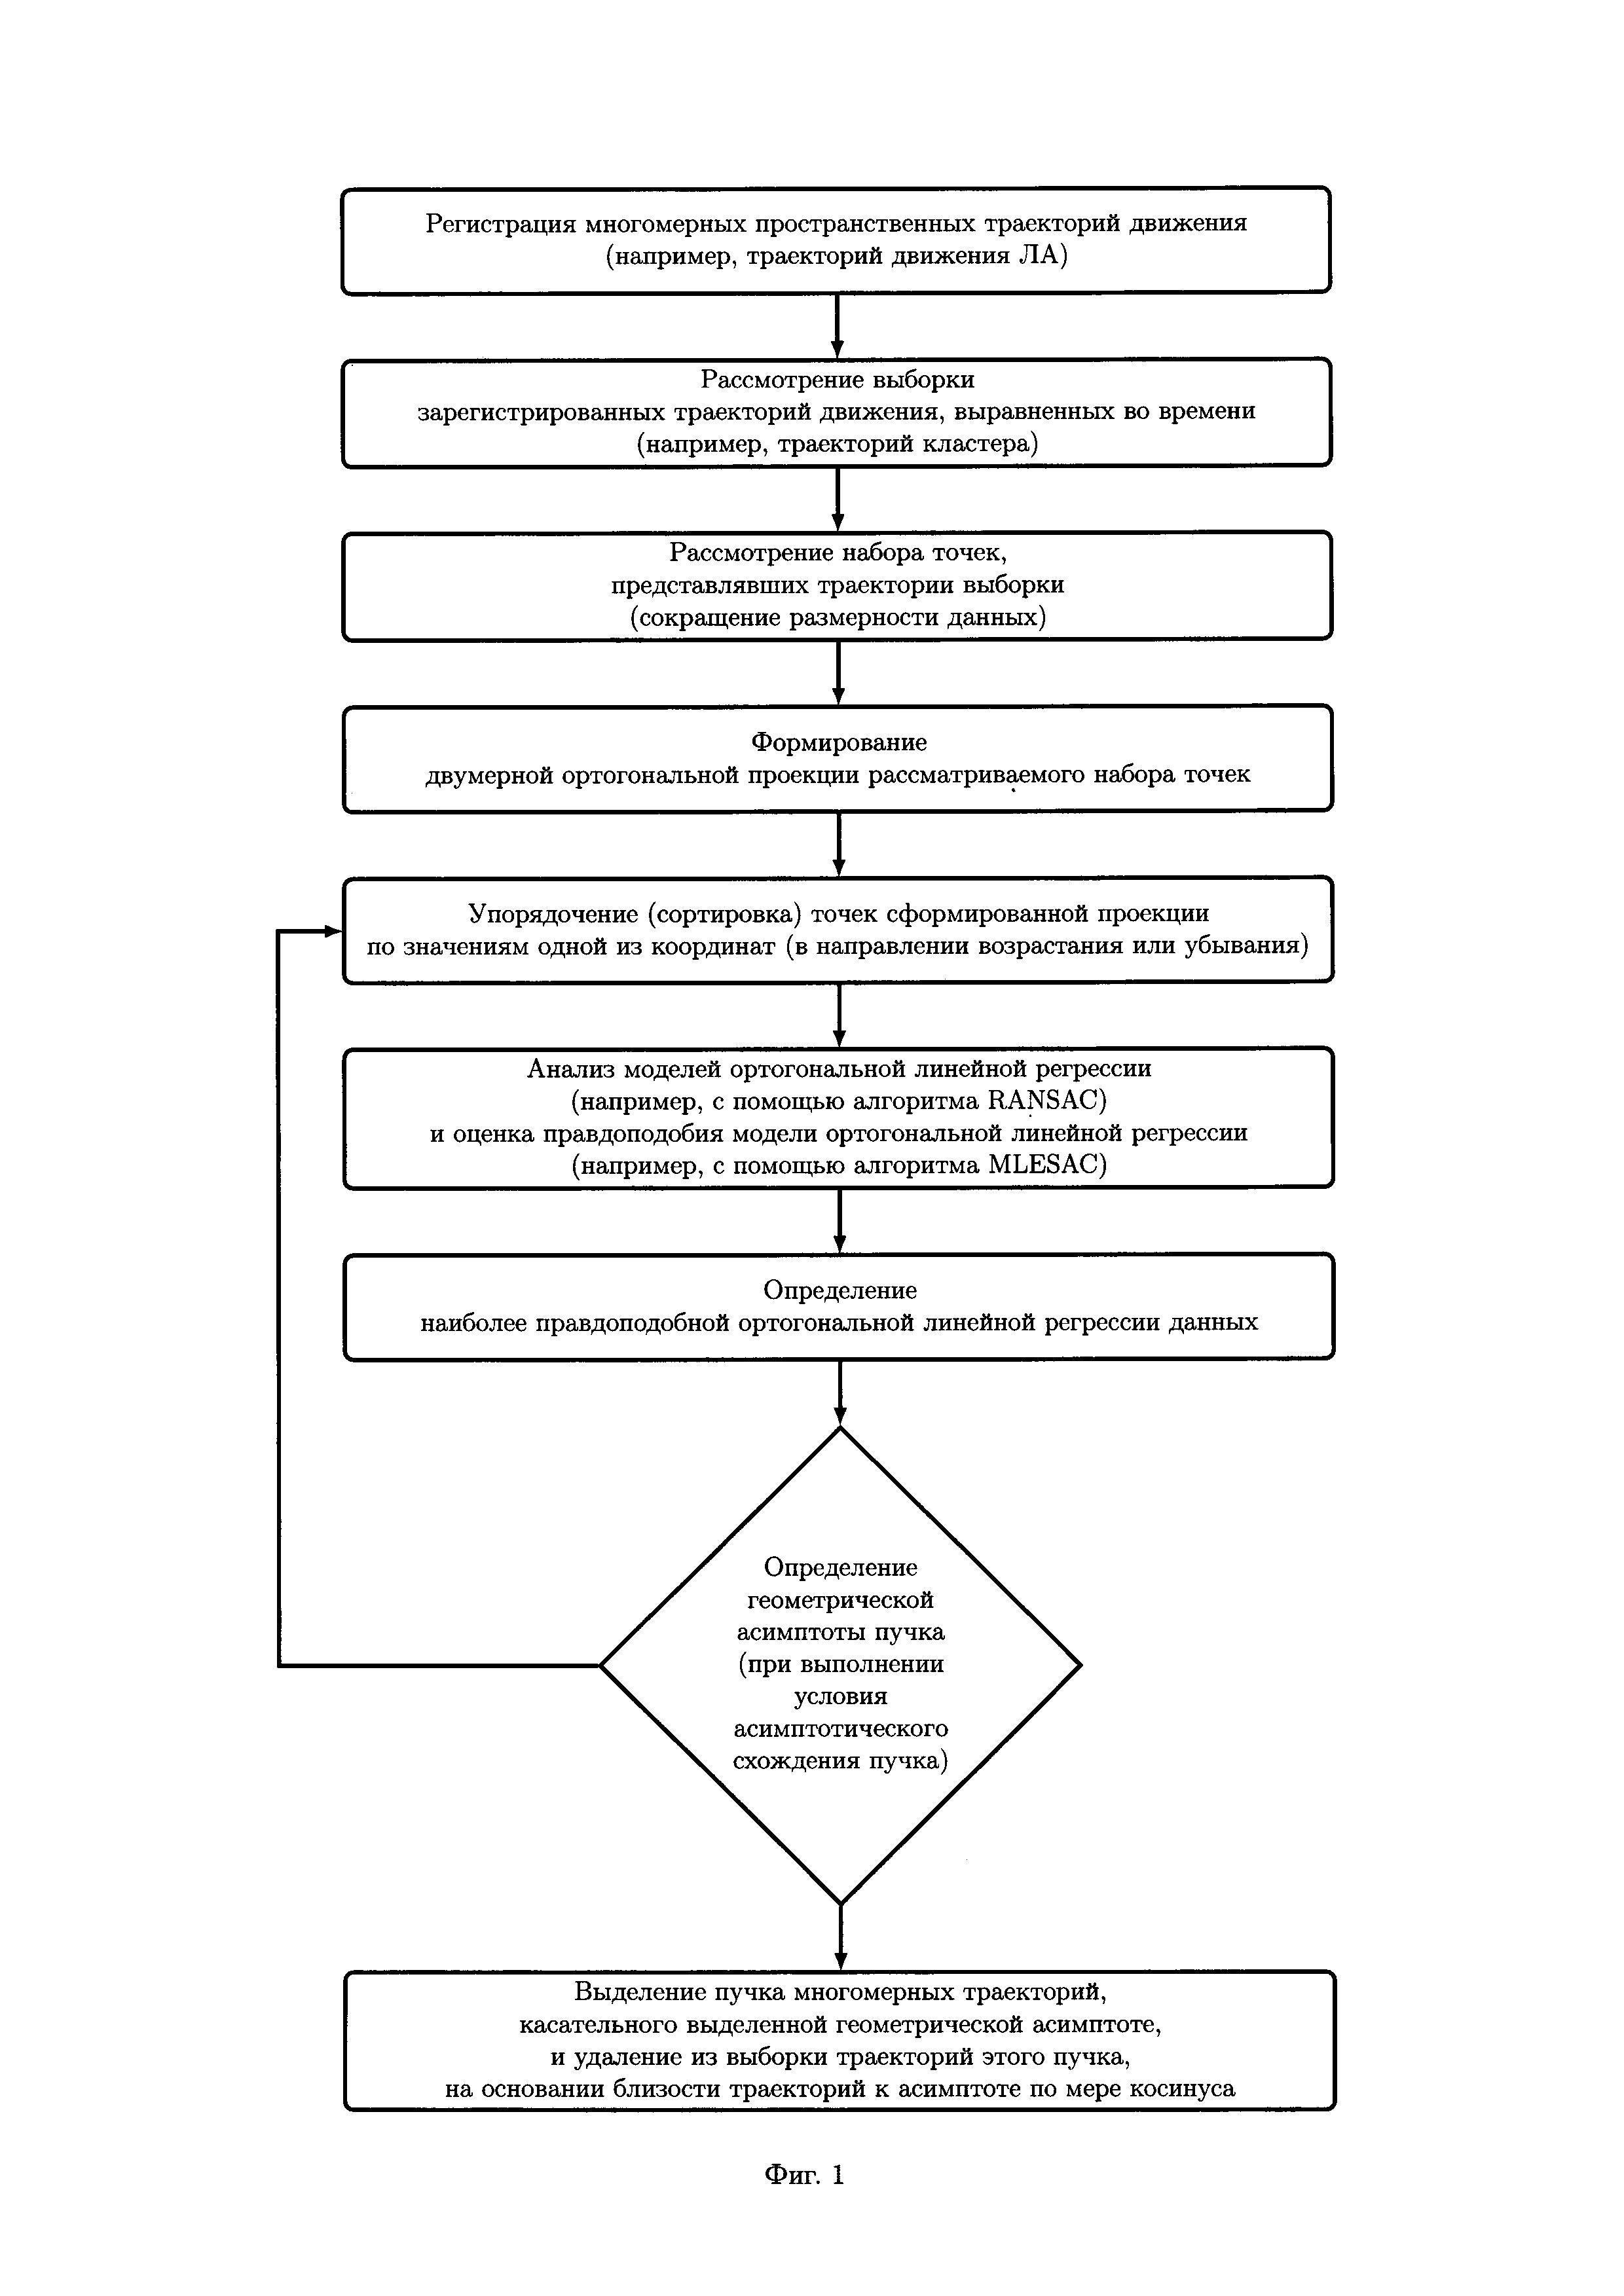 Способ определения посадочных траекторий летательных аппаратов, соответствующих одной взлетно-посадочной полосе